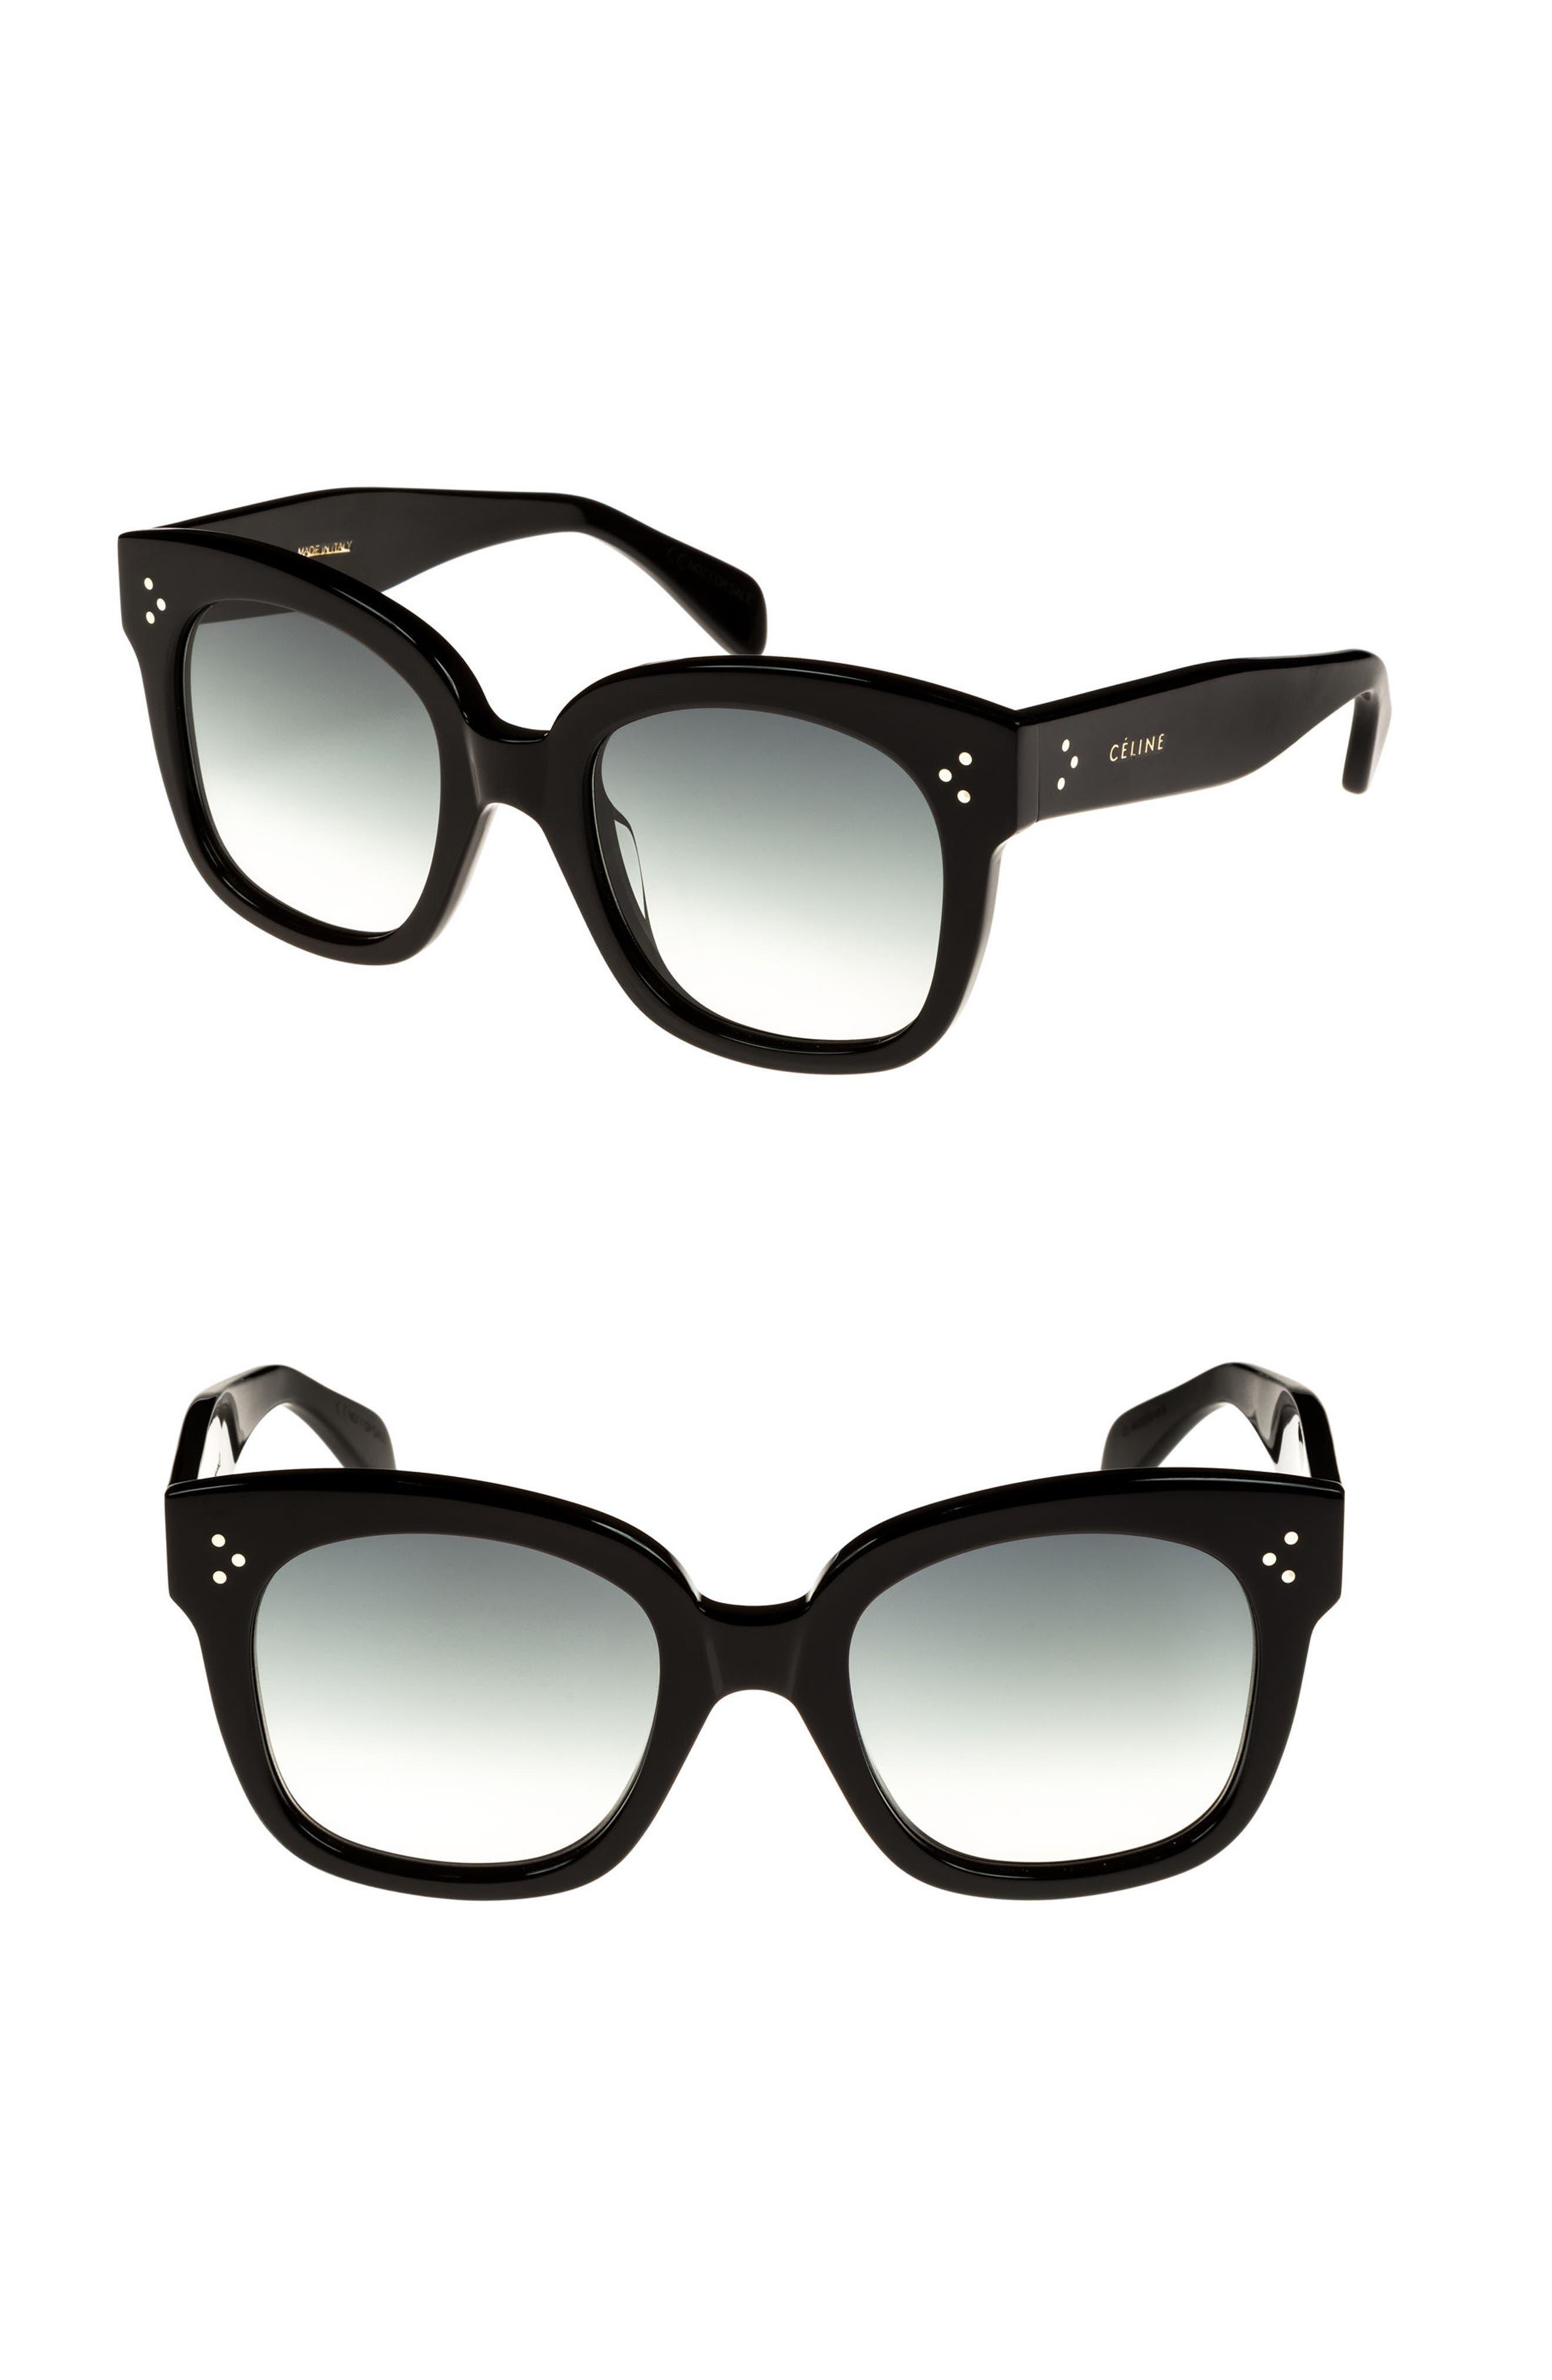 Céline 54mm Square Sunglasses